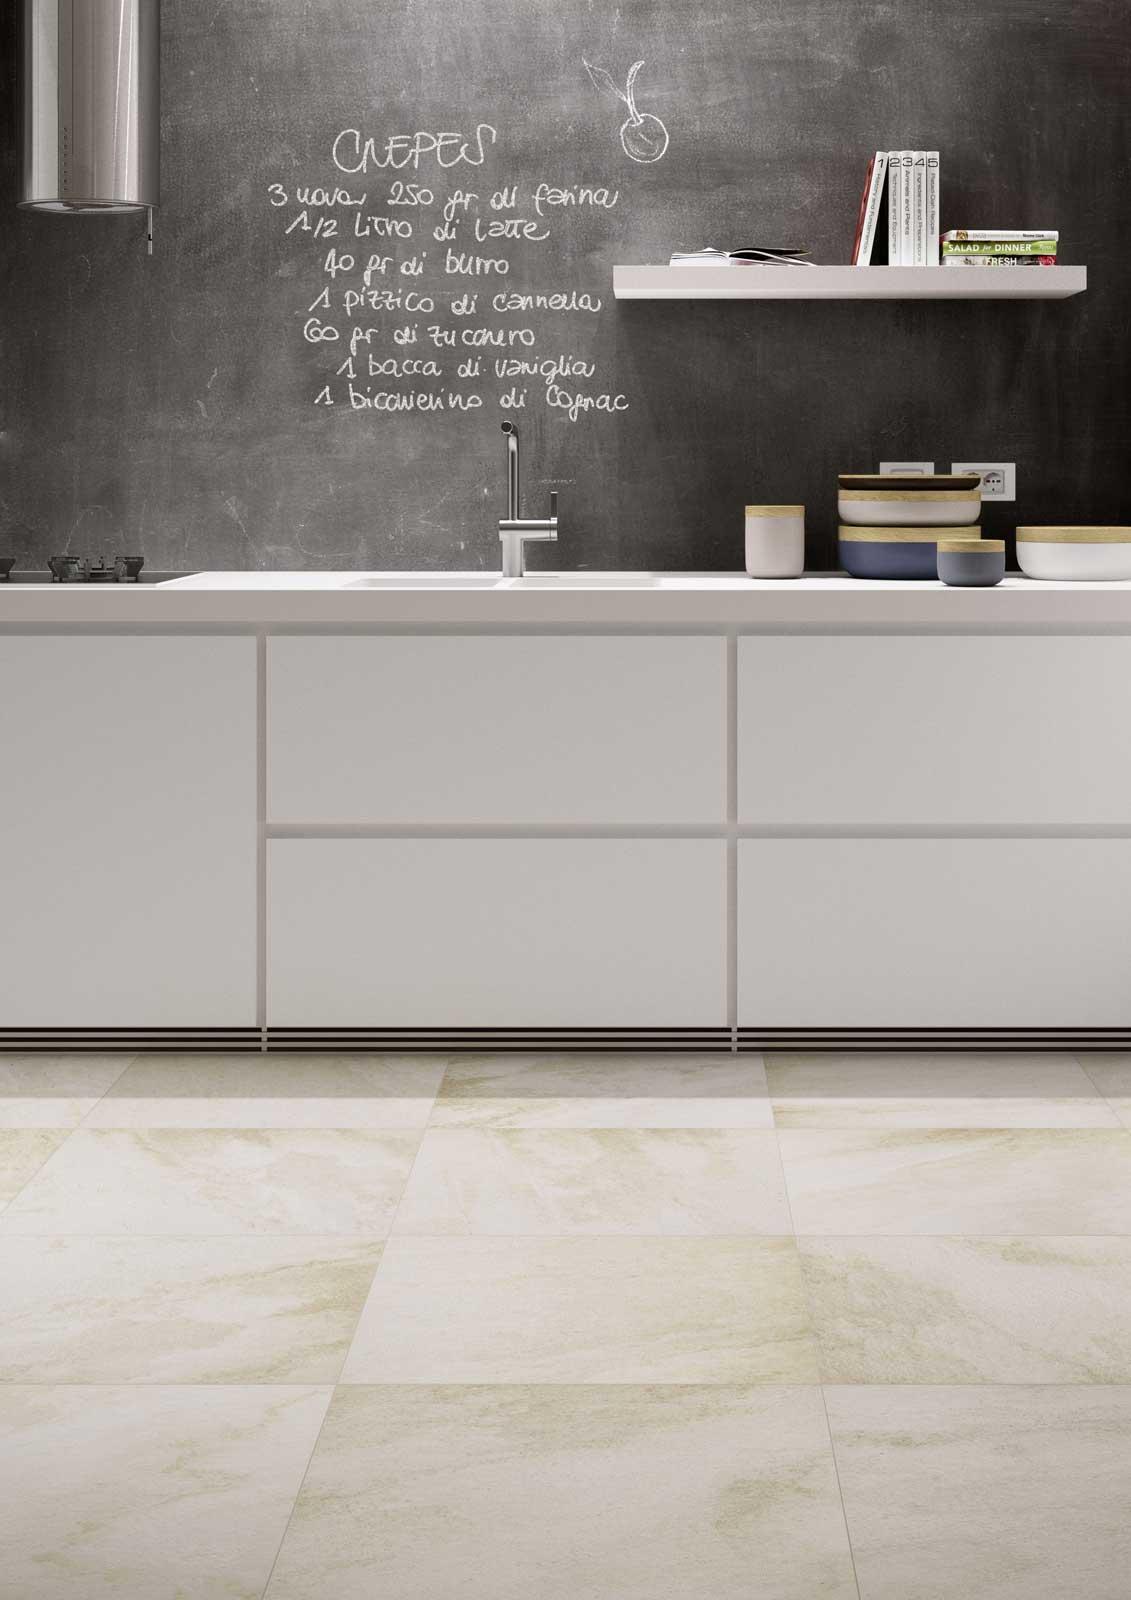 Piastrelle cucina idee in ceramica e gres marazzi - Pittura per piastrelle cucina ...